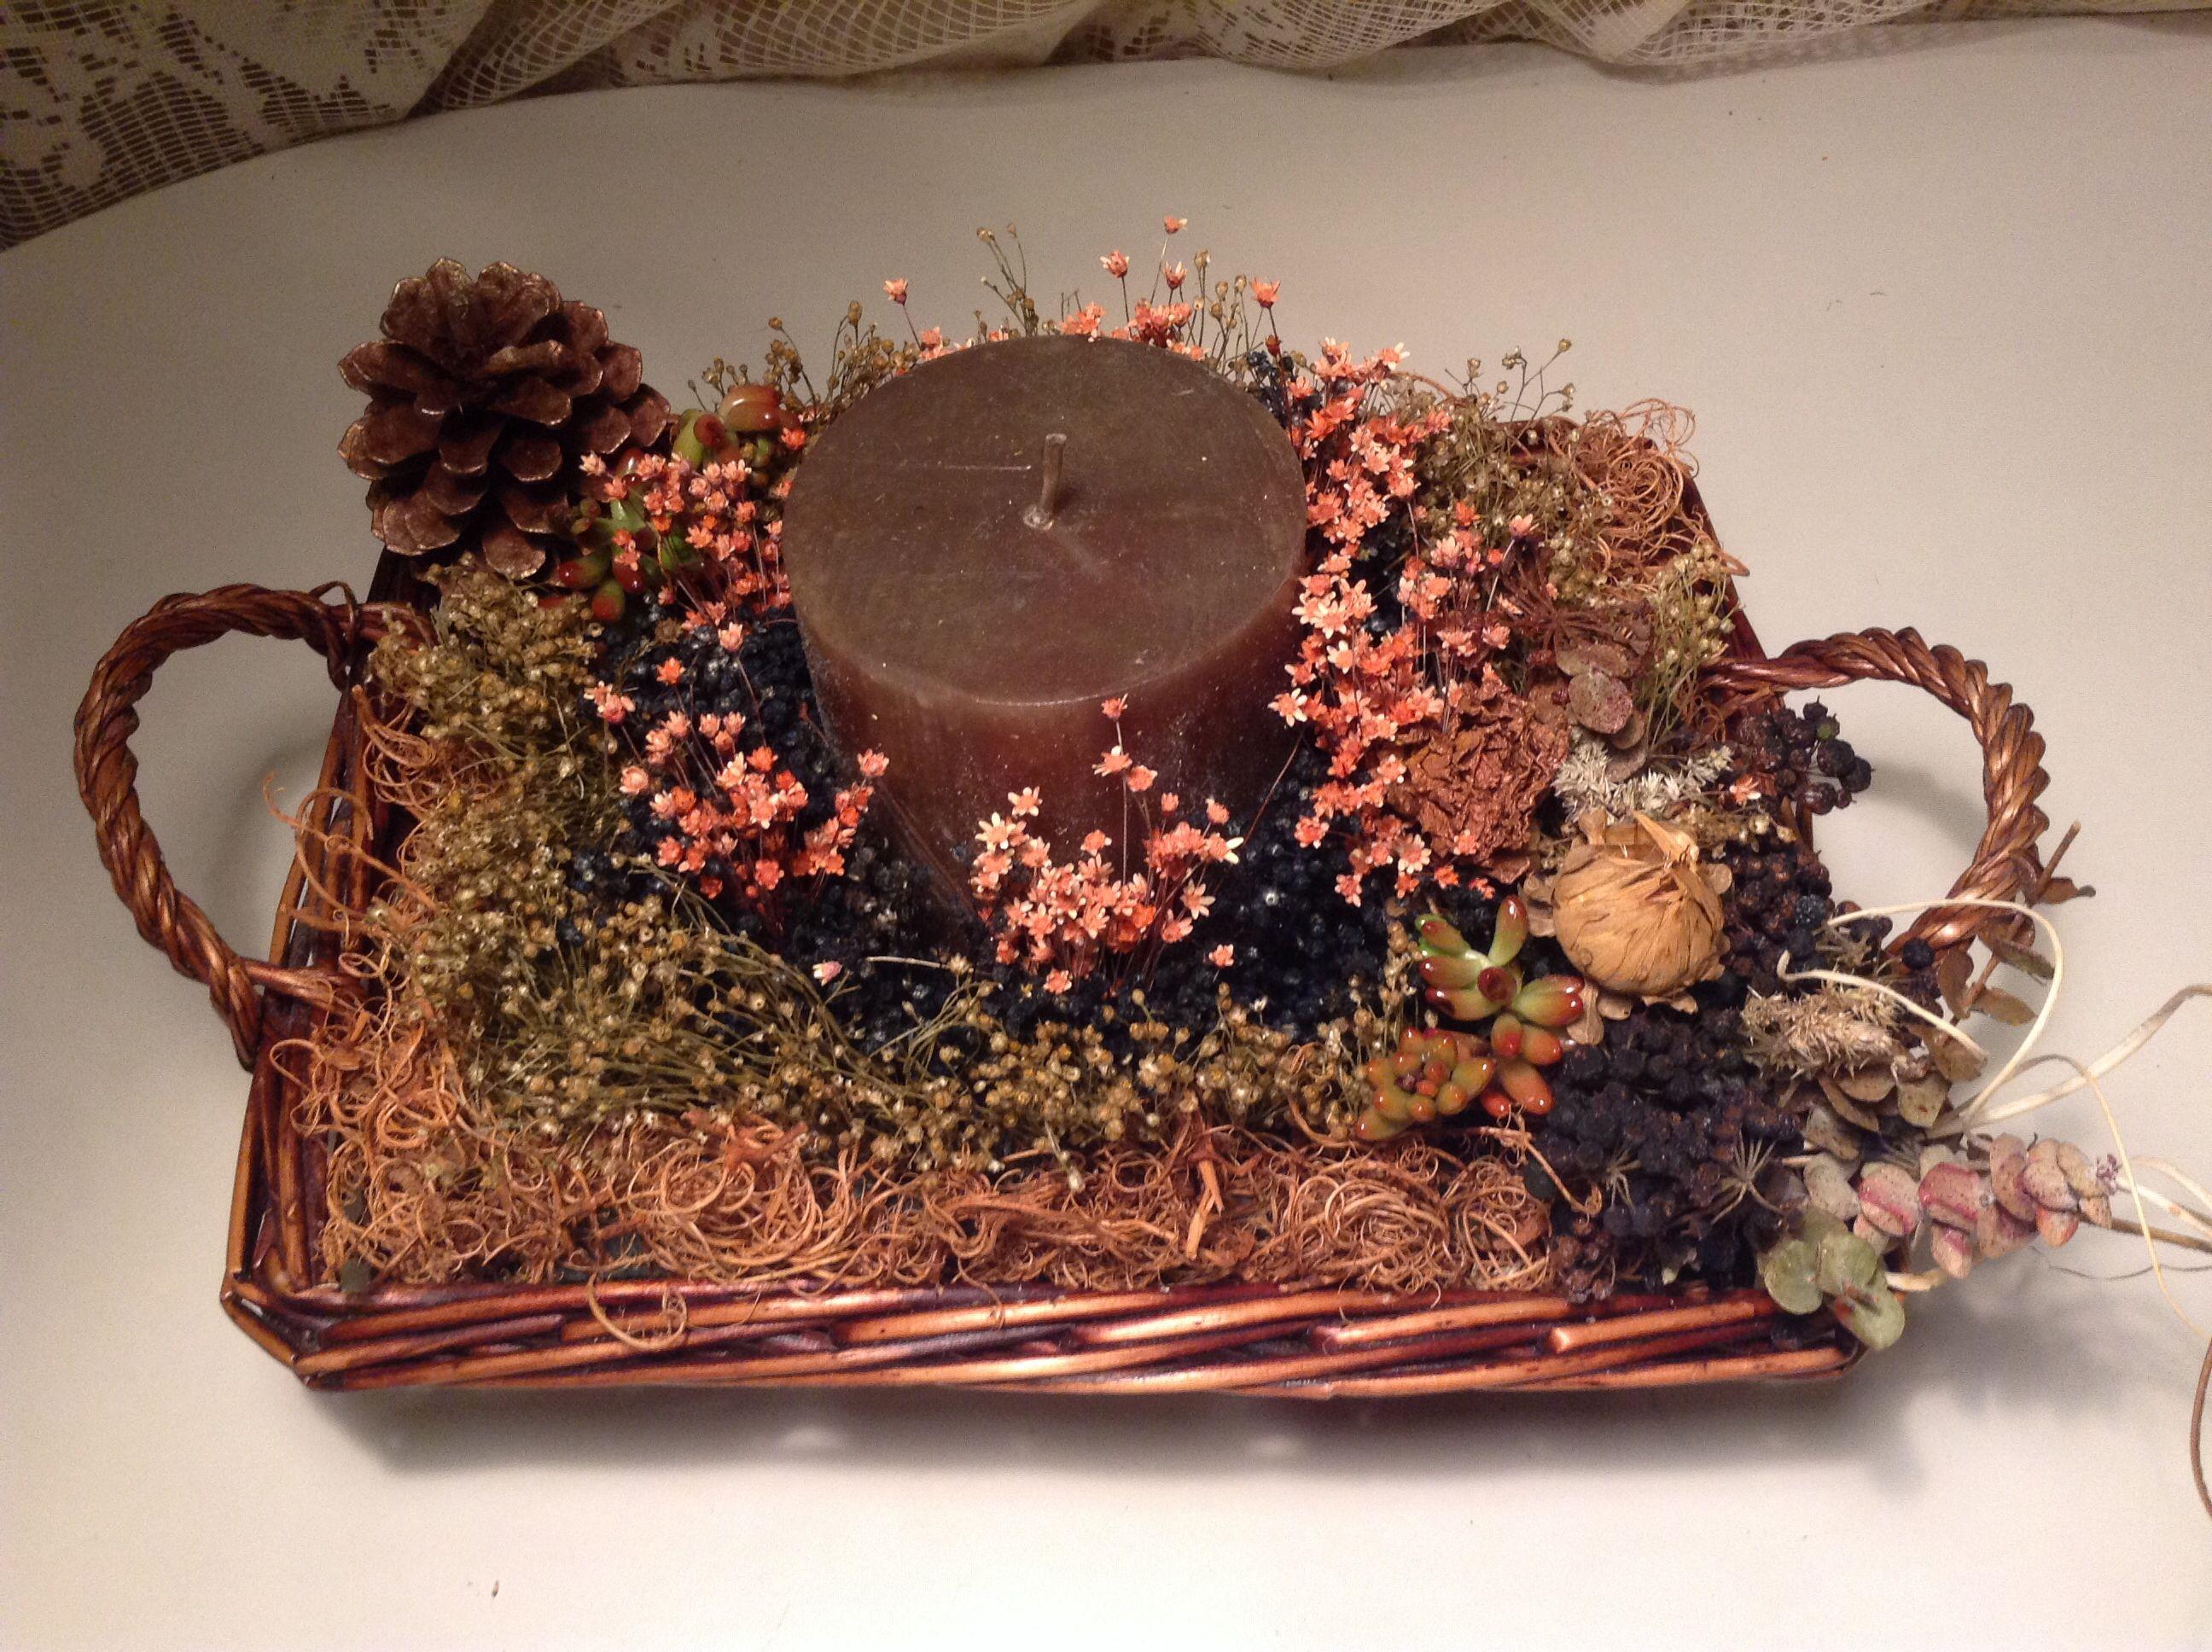 Centro con vela en cesta de mimbre centros de mesa de - Arreglos florales con flores secas ...